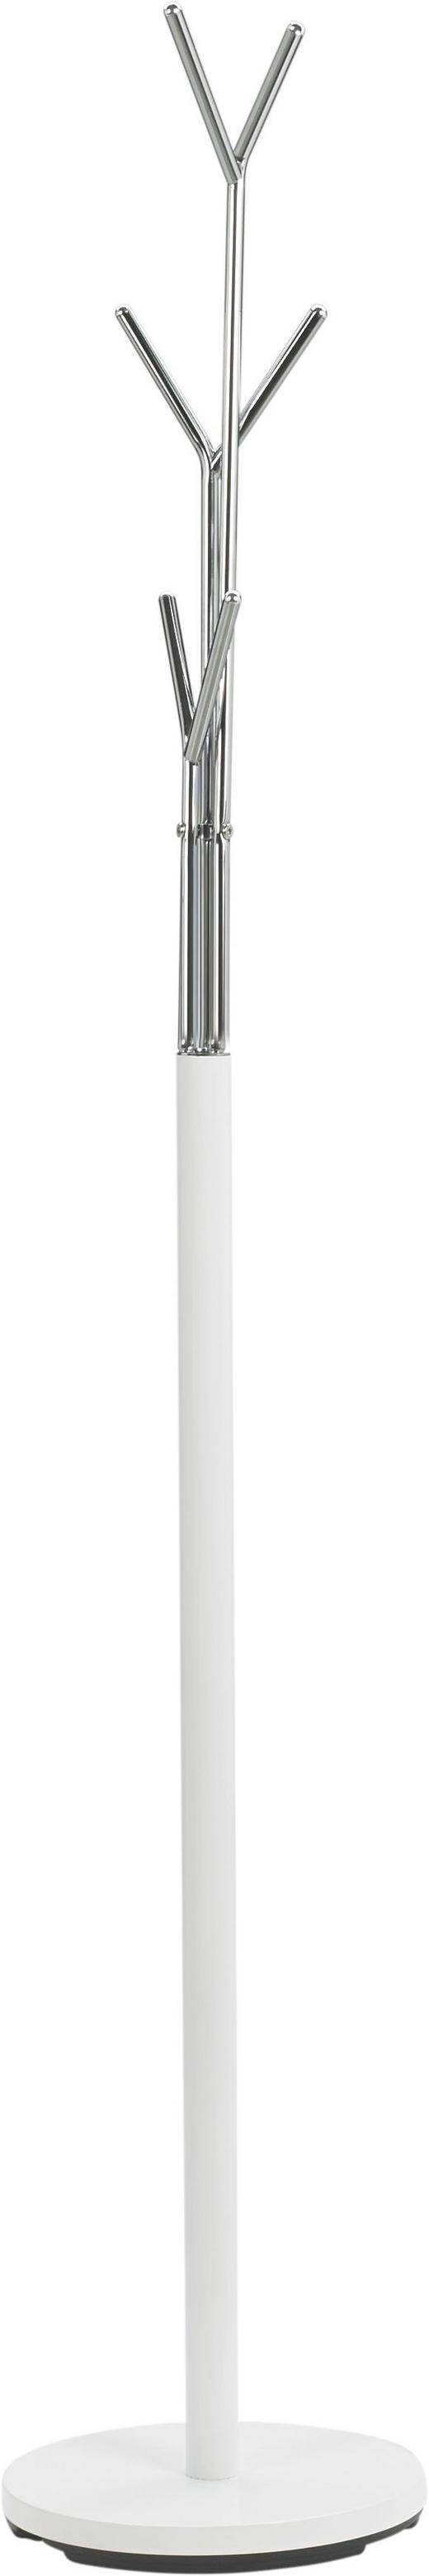 KLEIDERSTÄNDER Chromfarben, Weiß - Chromfarben/Weiß, Design, Metall (29/171/29cm) - Boxxx